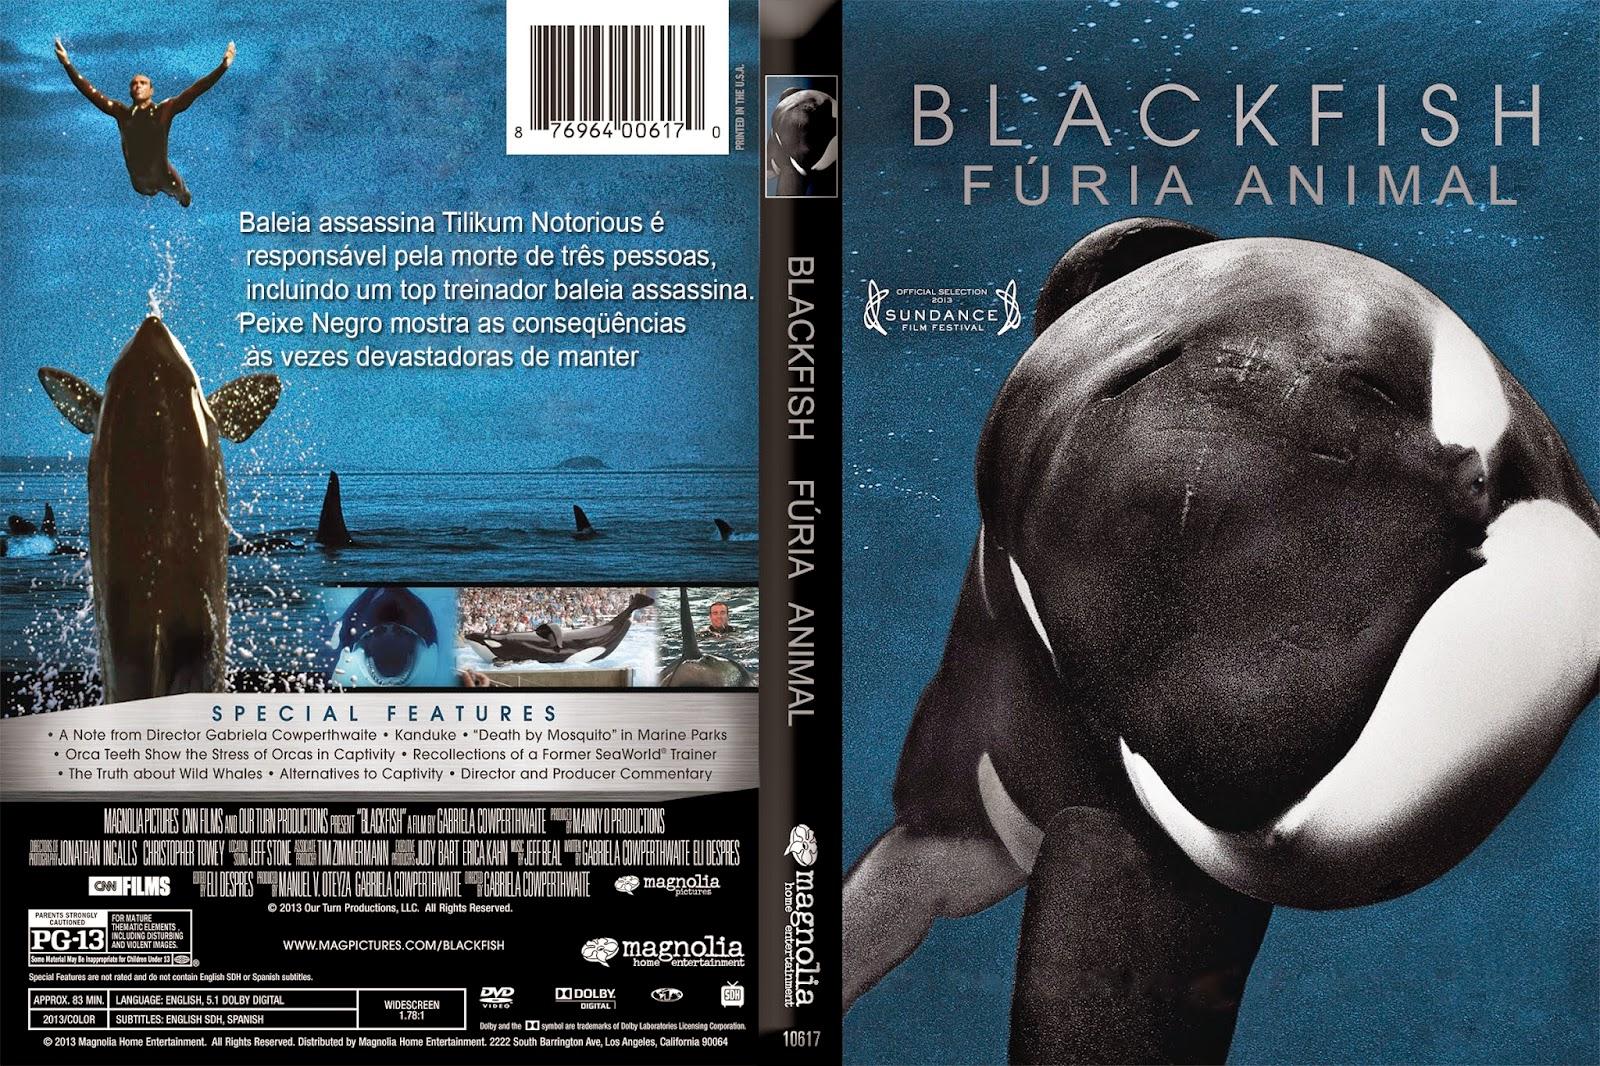 Blackfish - Fúria Animal